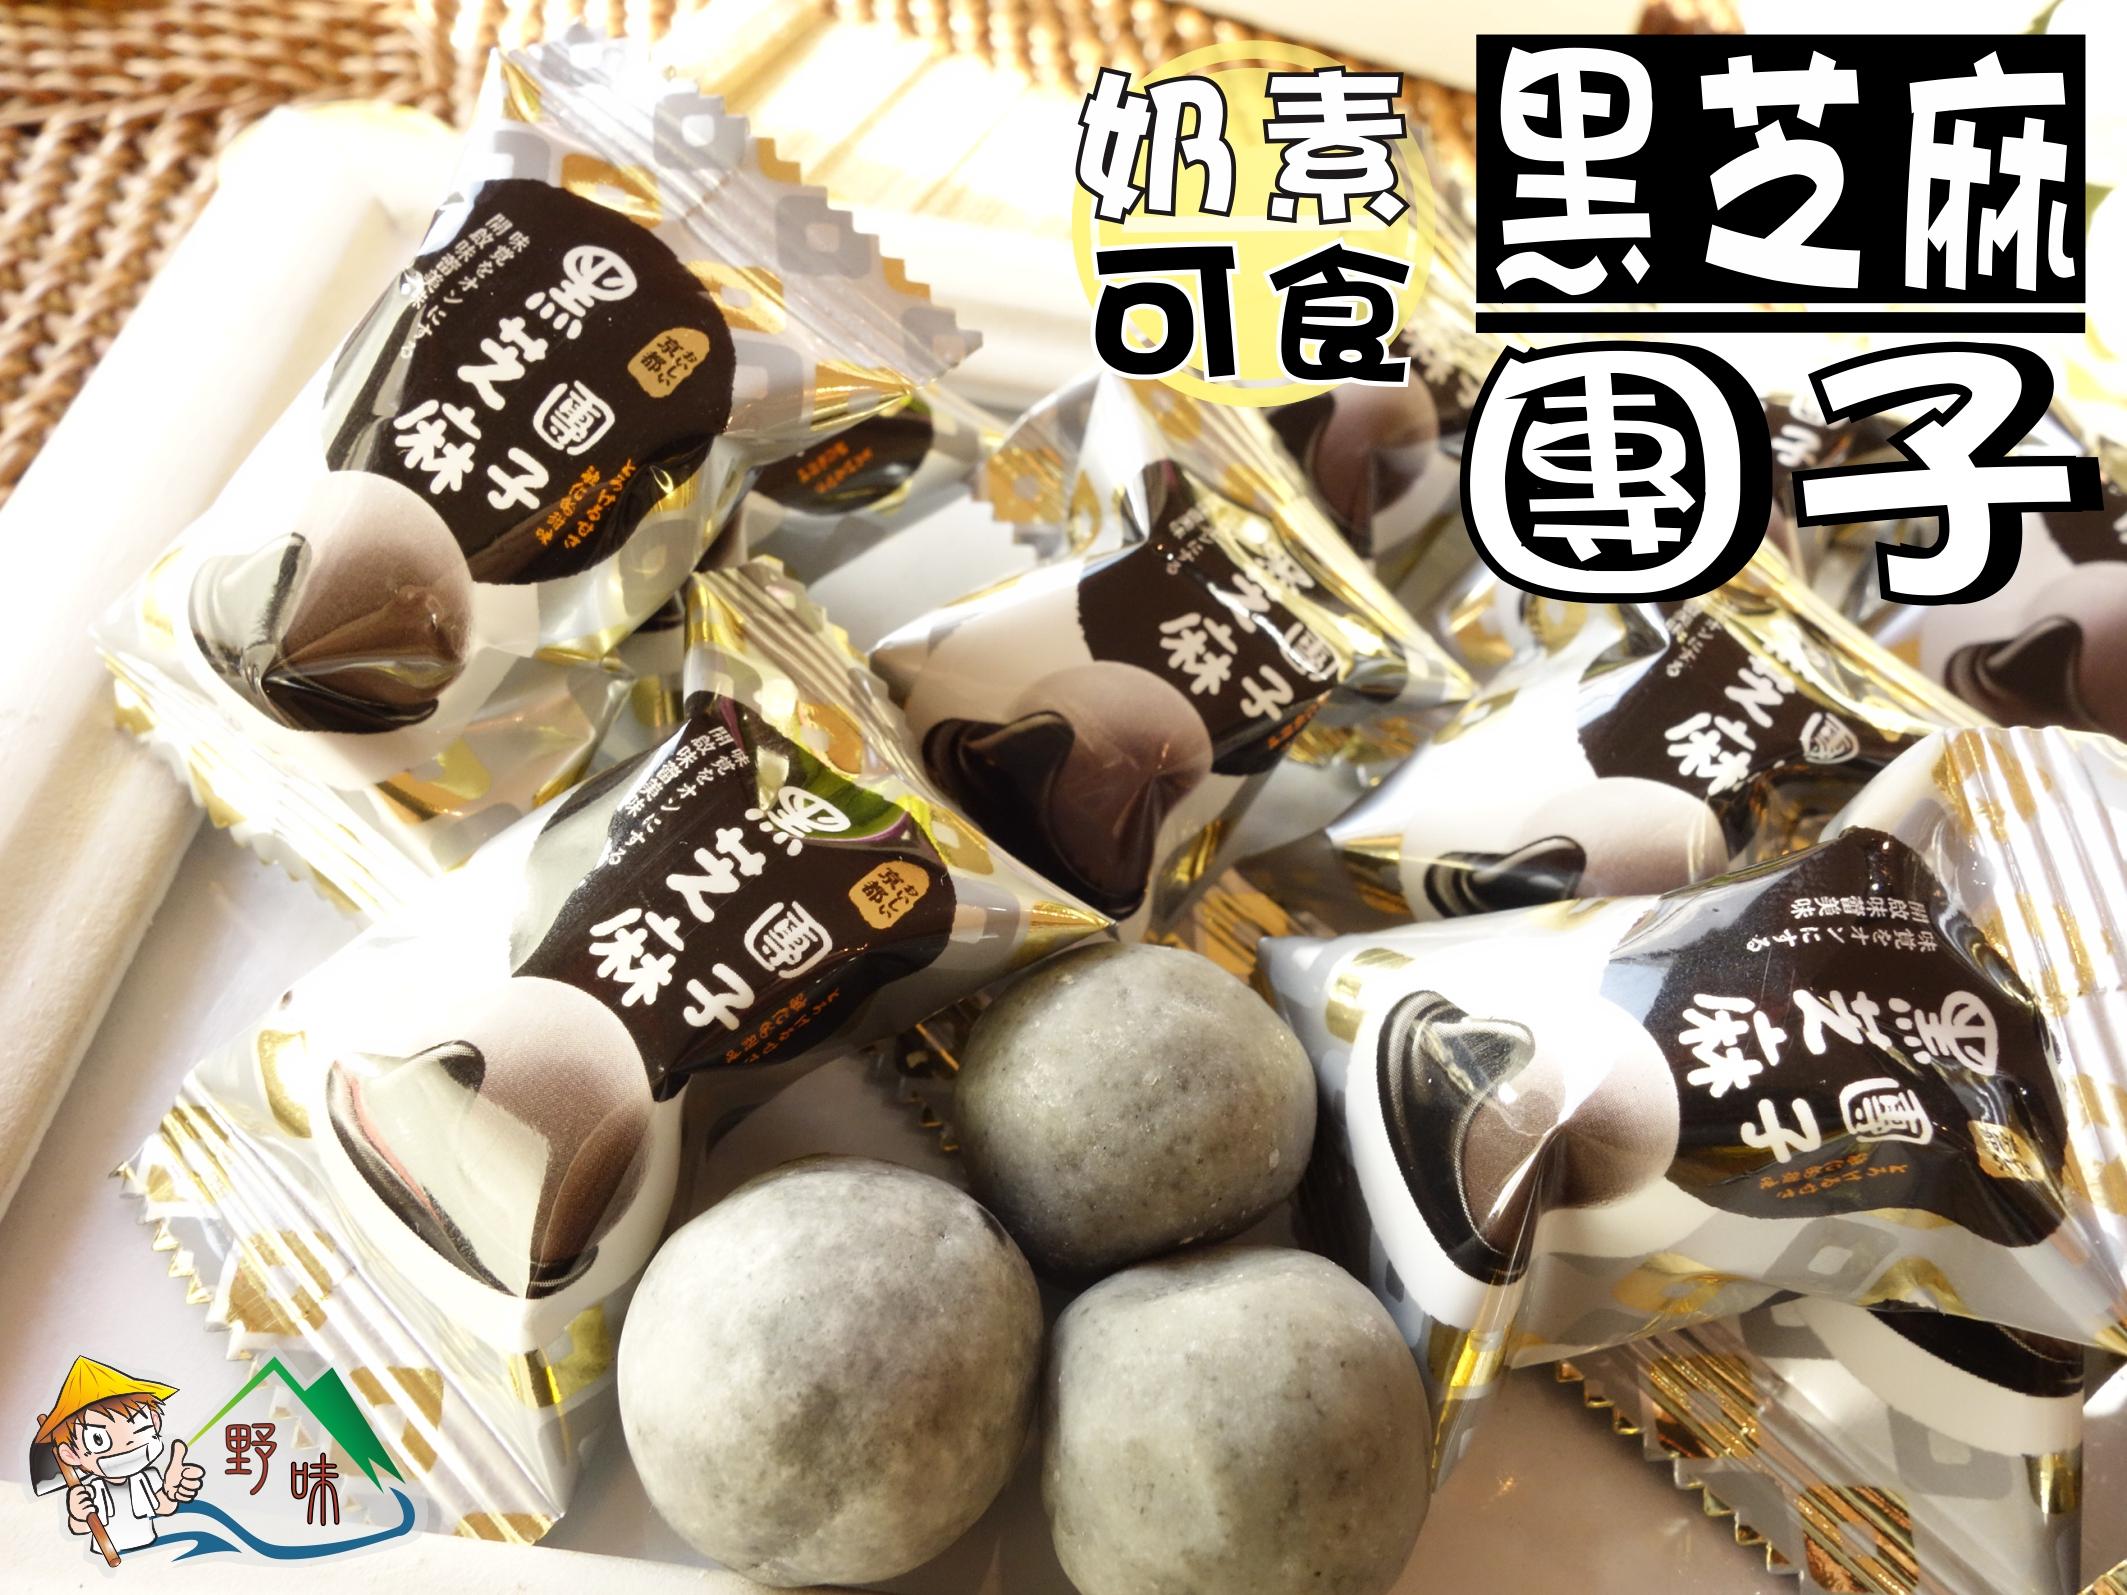 【野味食品】黑芝麻團子(奶素,黑芝麻軟糖)(300g/包,桃園實體店面出貨)日式軟糖,脆皮軟糖